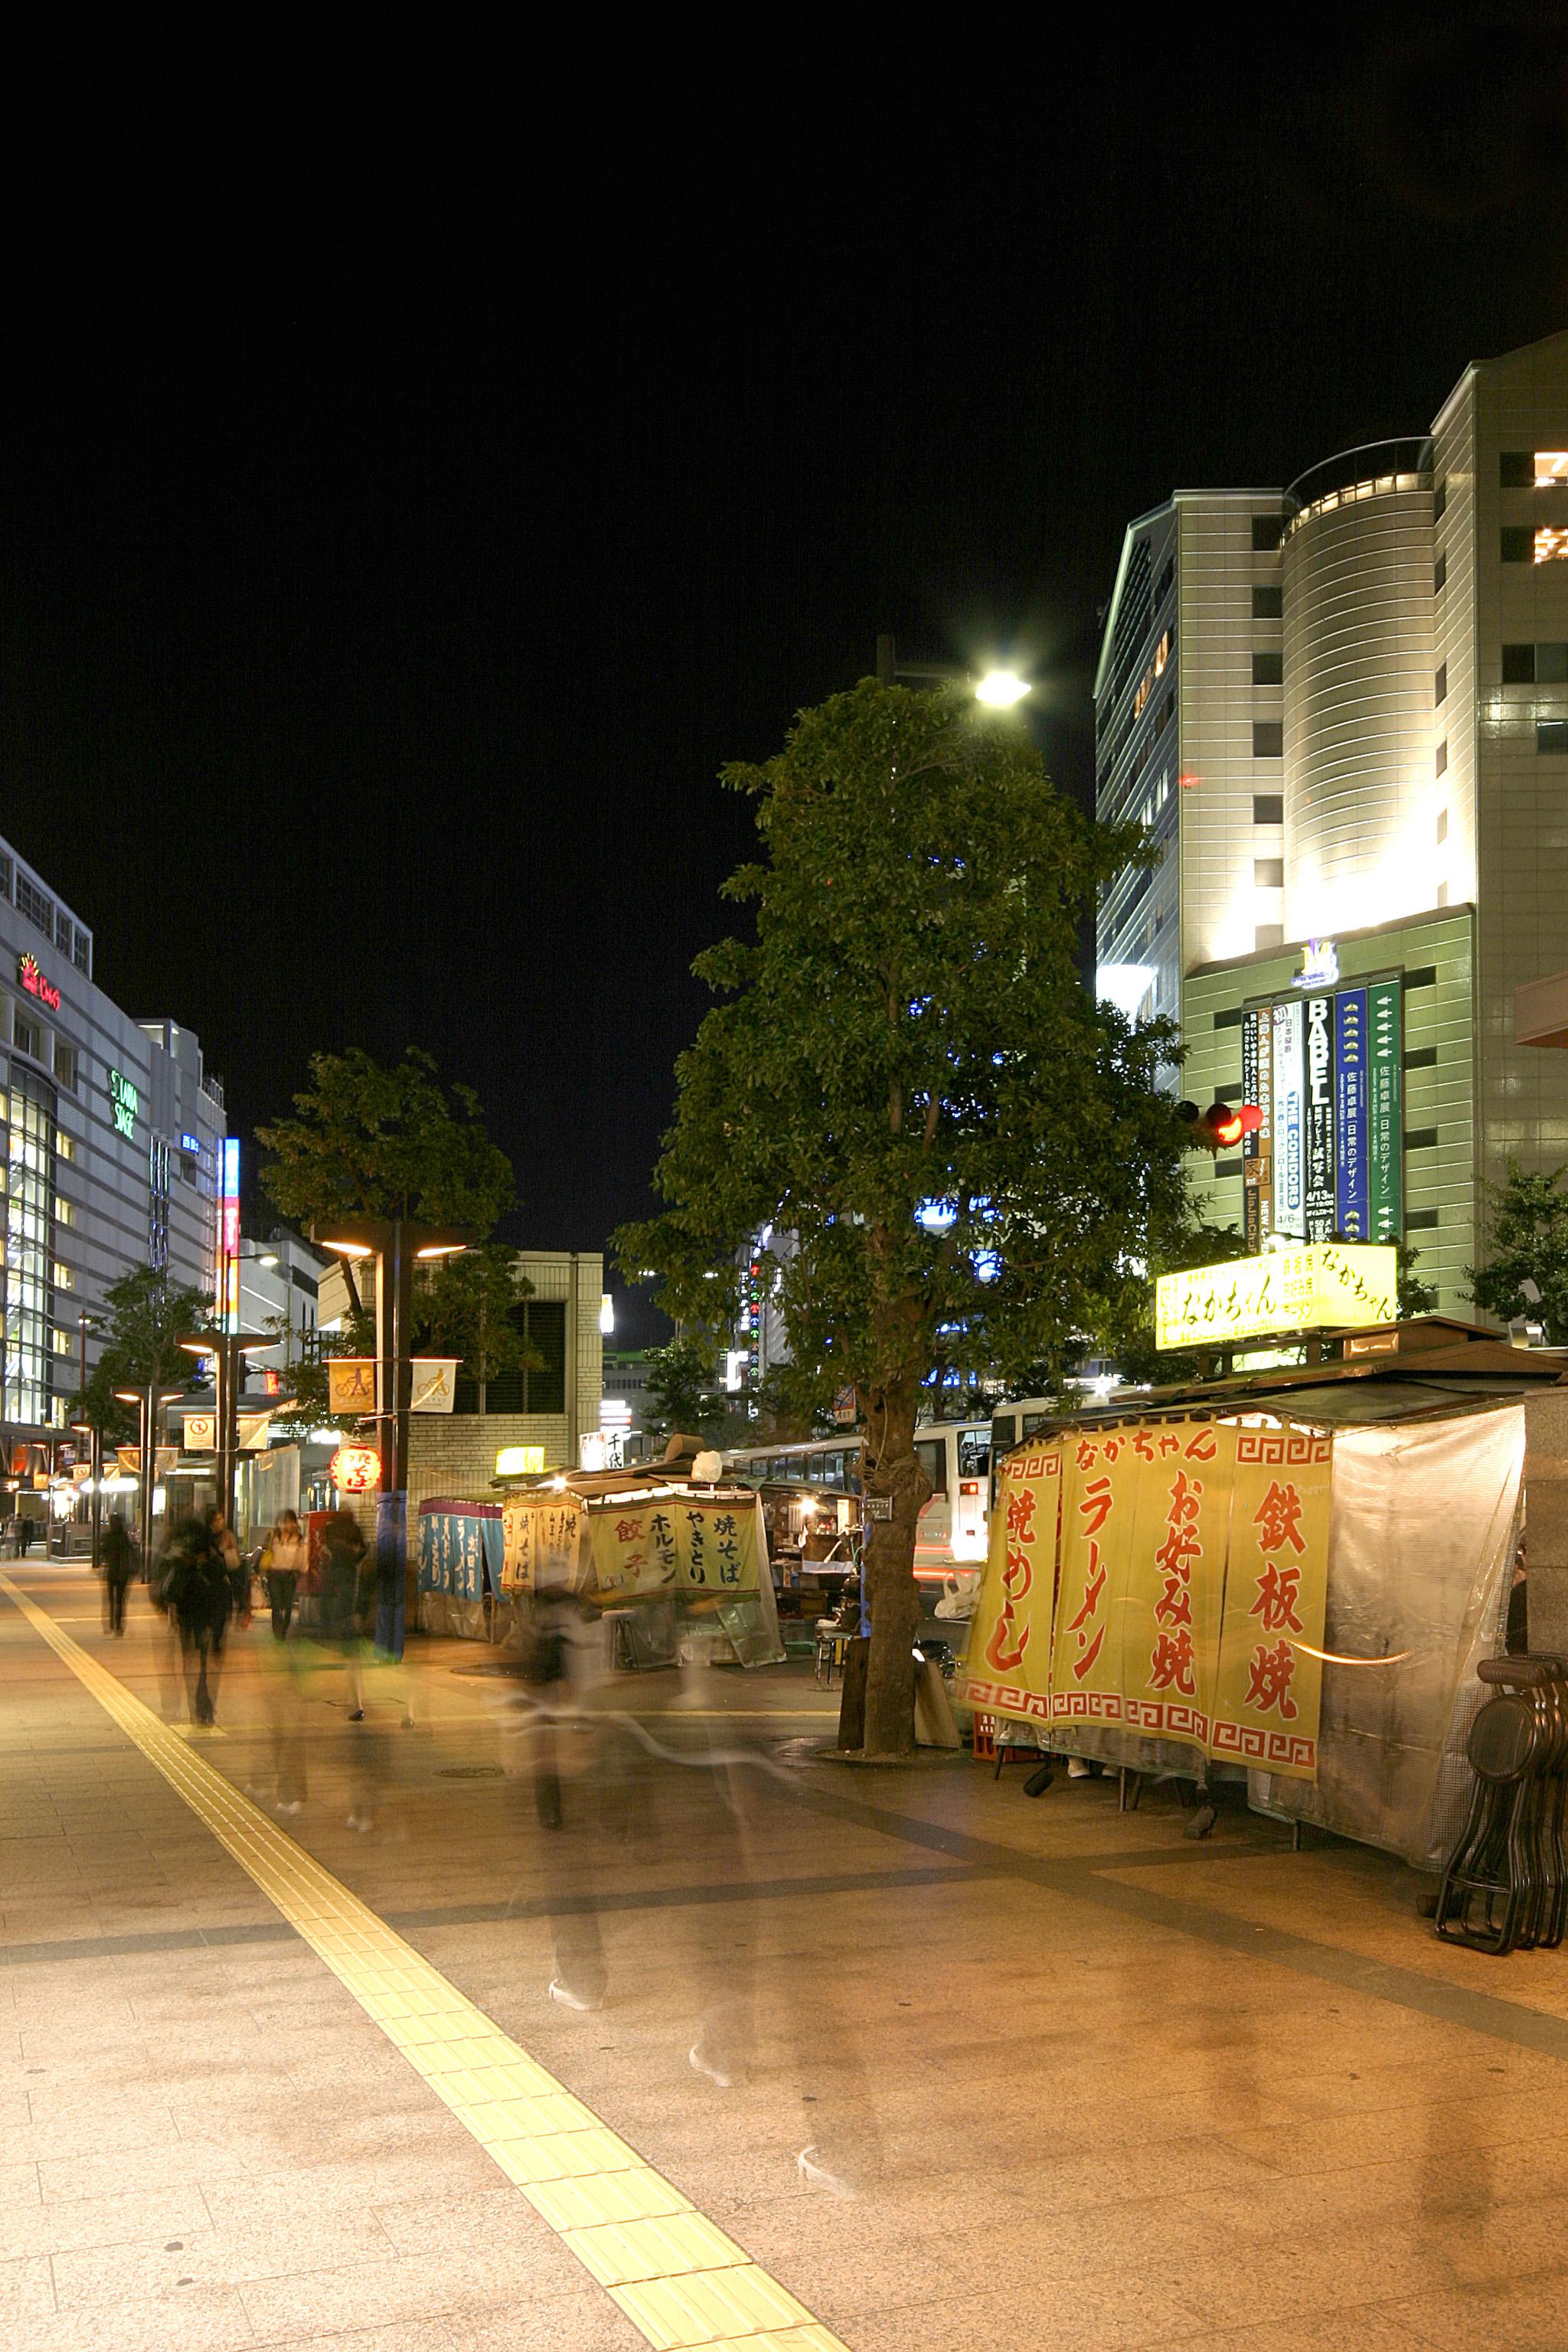 天神地区・渡辺通り(2007)の画像